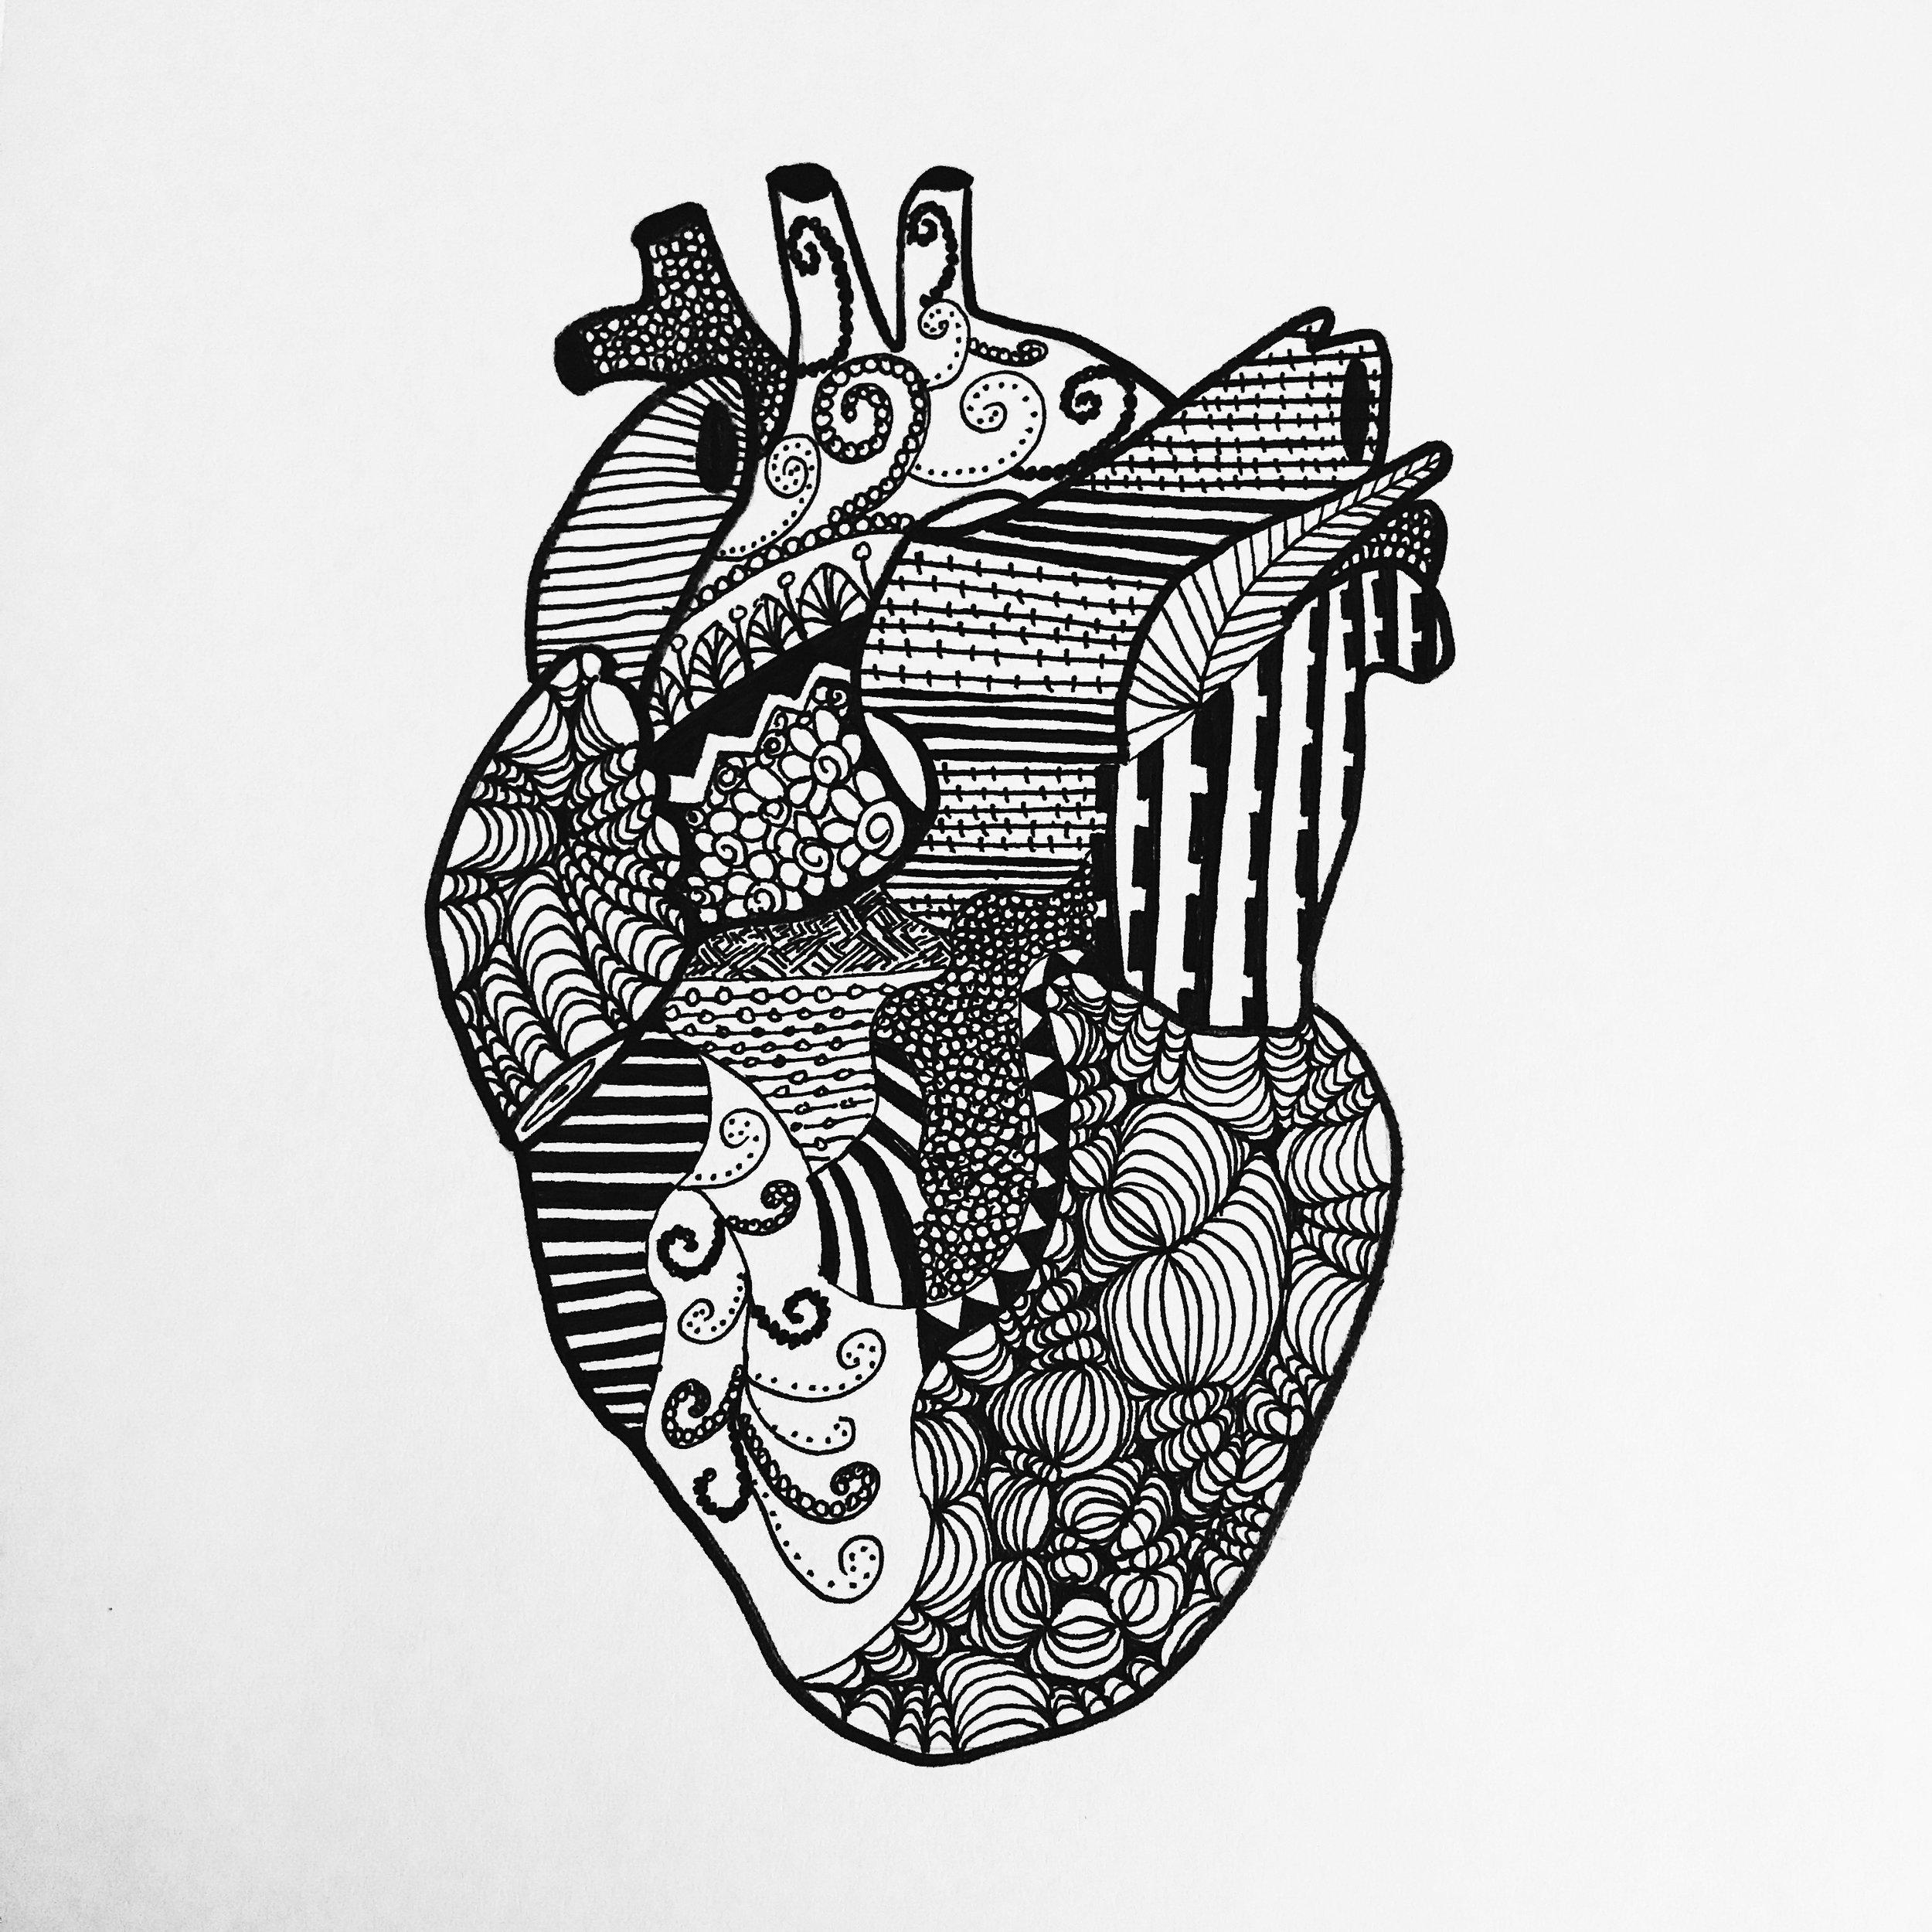 AnatomicalPatternedHeart.JPG